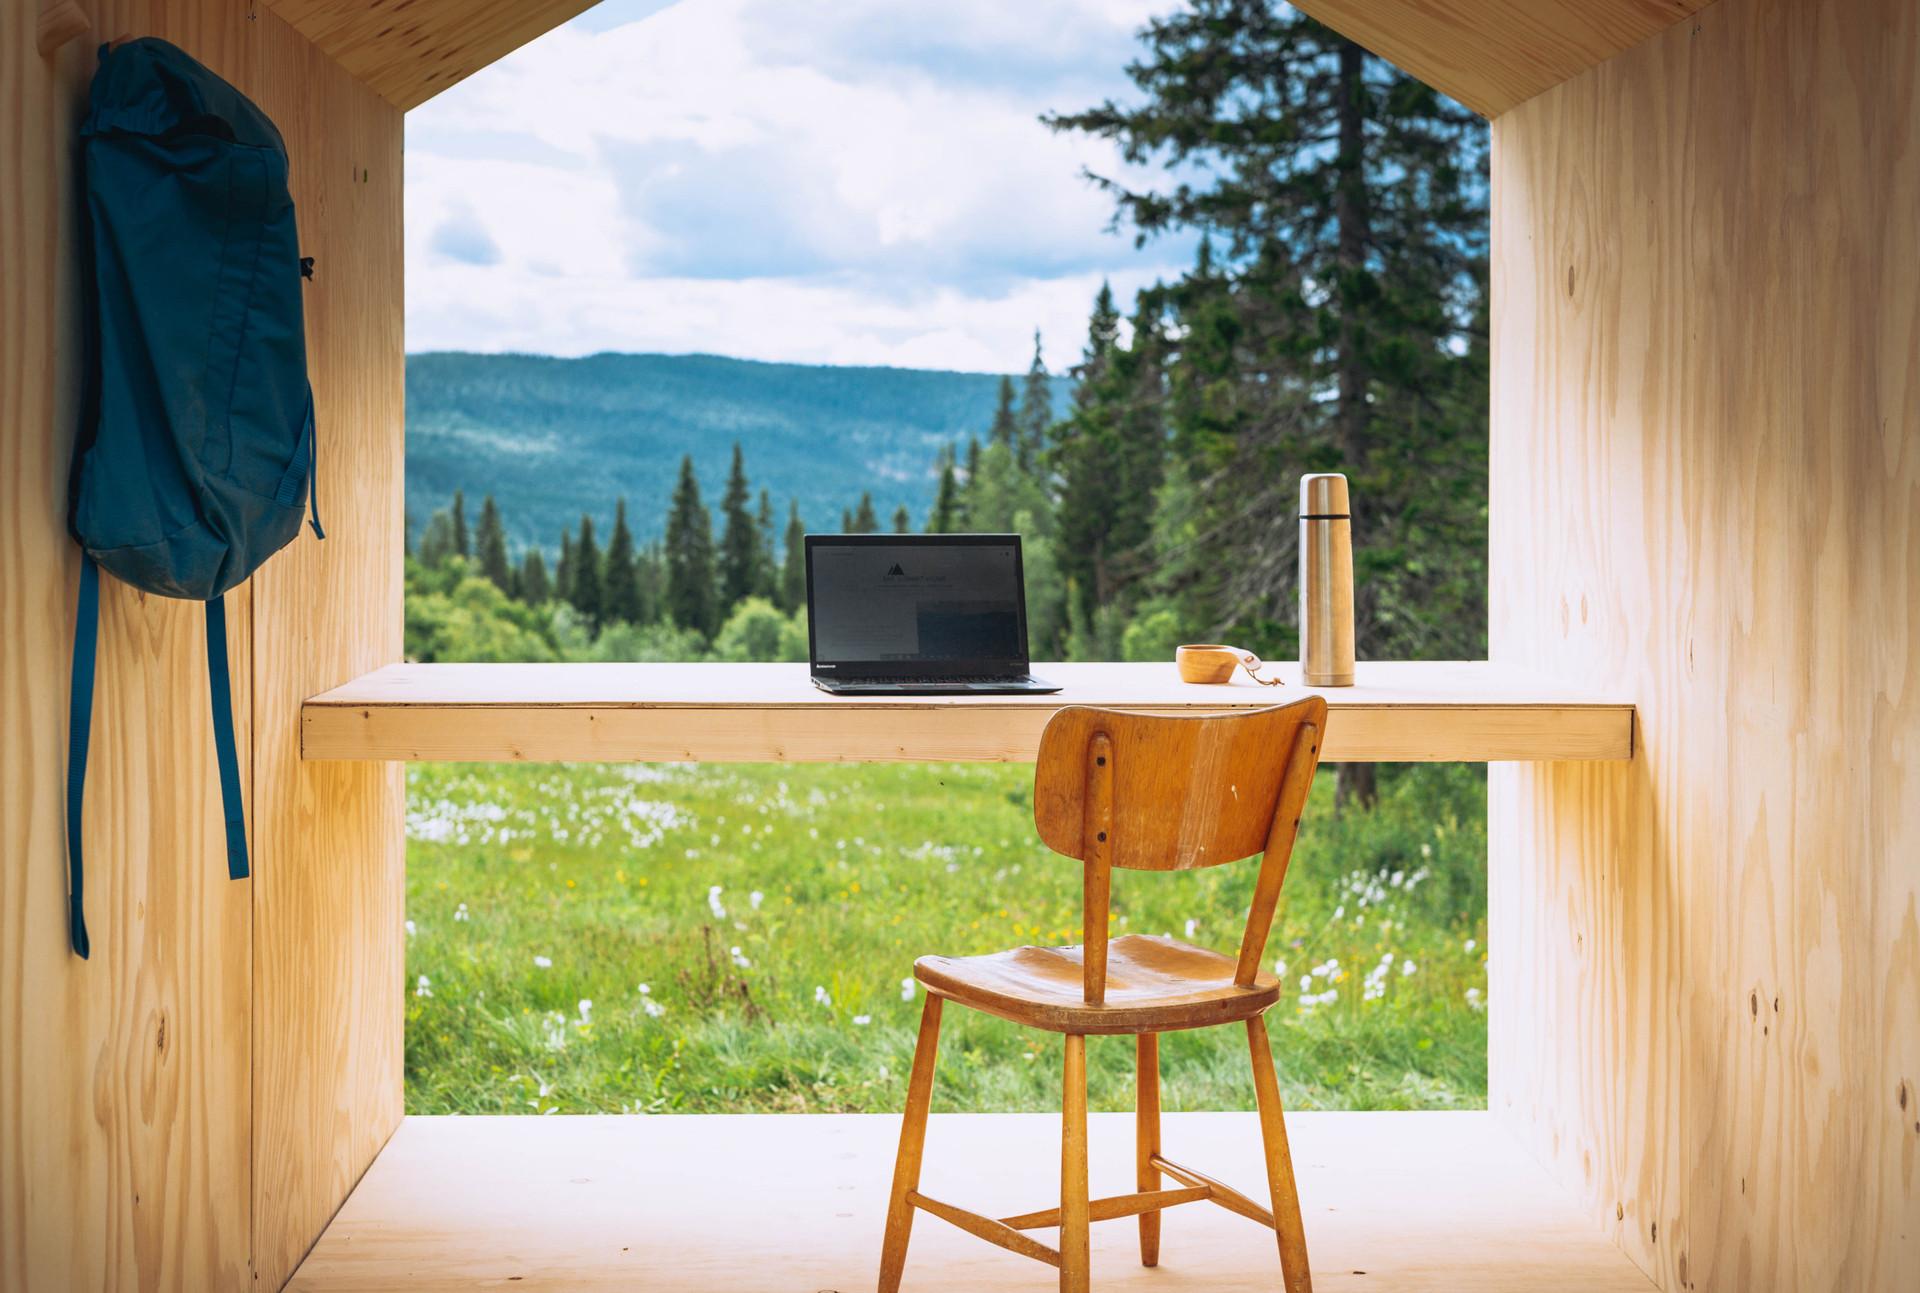 Forrest office 03.jpg